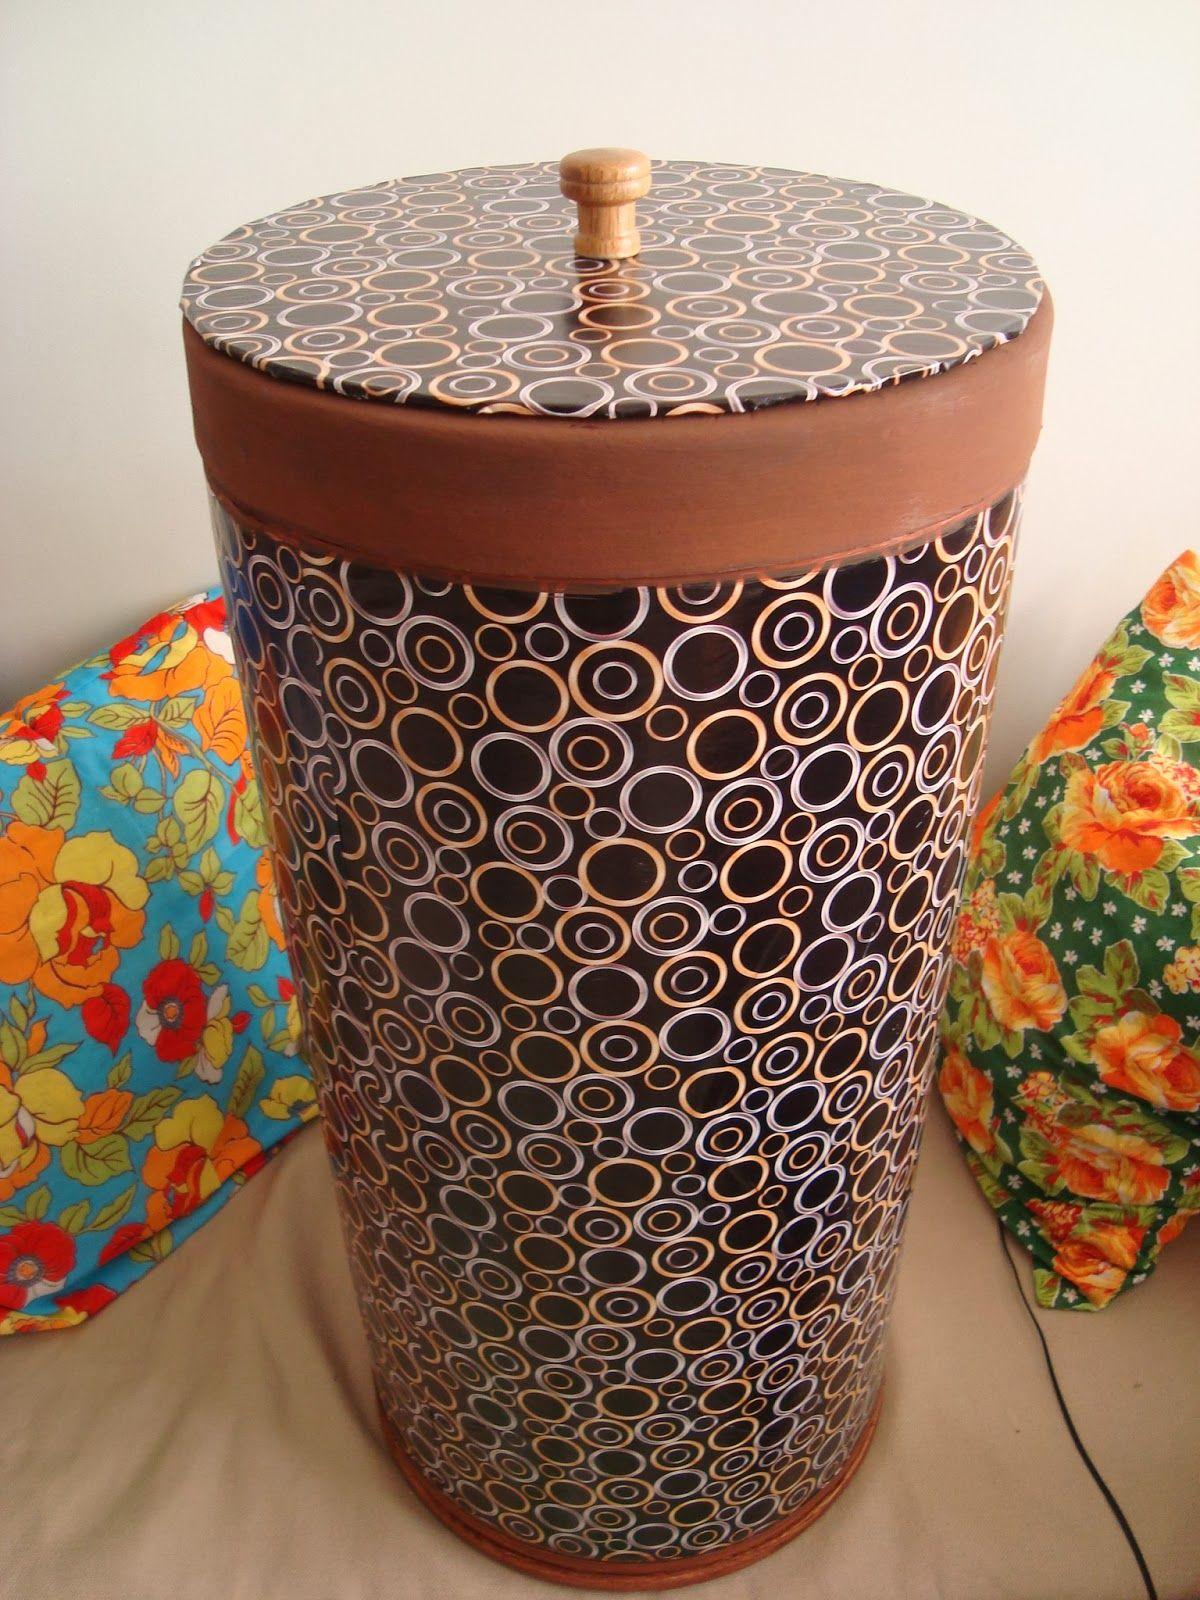 Suely Artesanato De Madeira ~ Rosa Luiza Artes e Gostosuras Barrica de papel u00e3o reciclada se transforma em baú ou cesto de